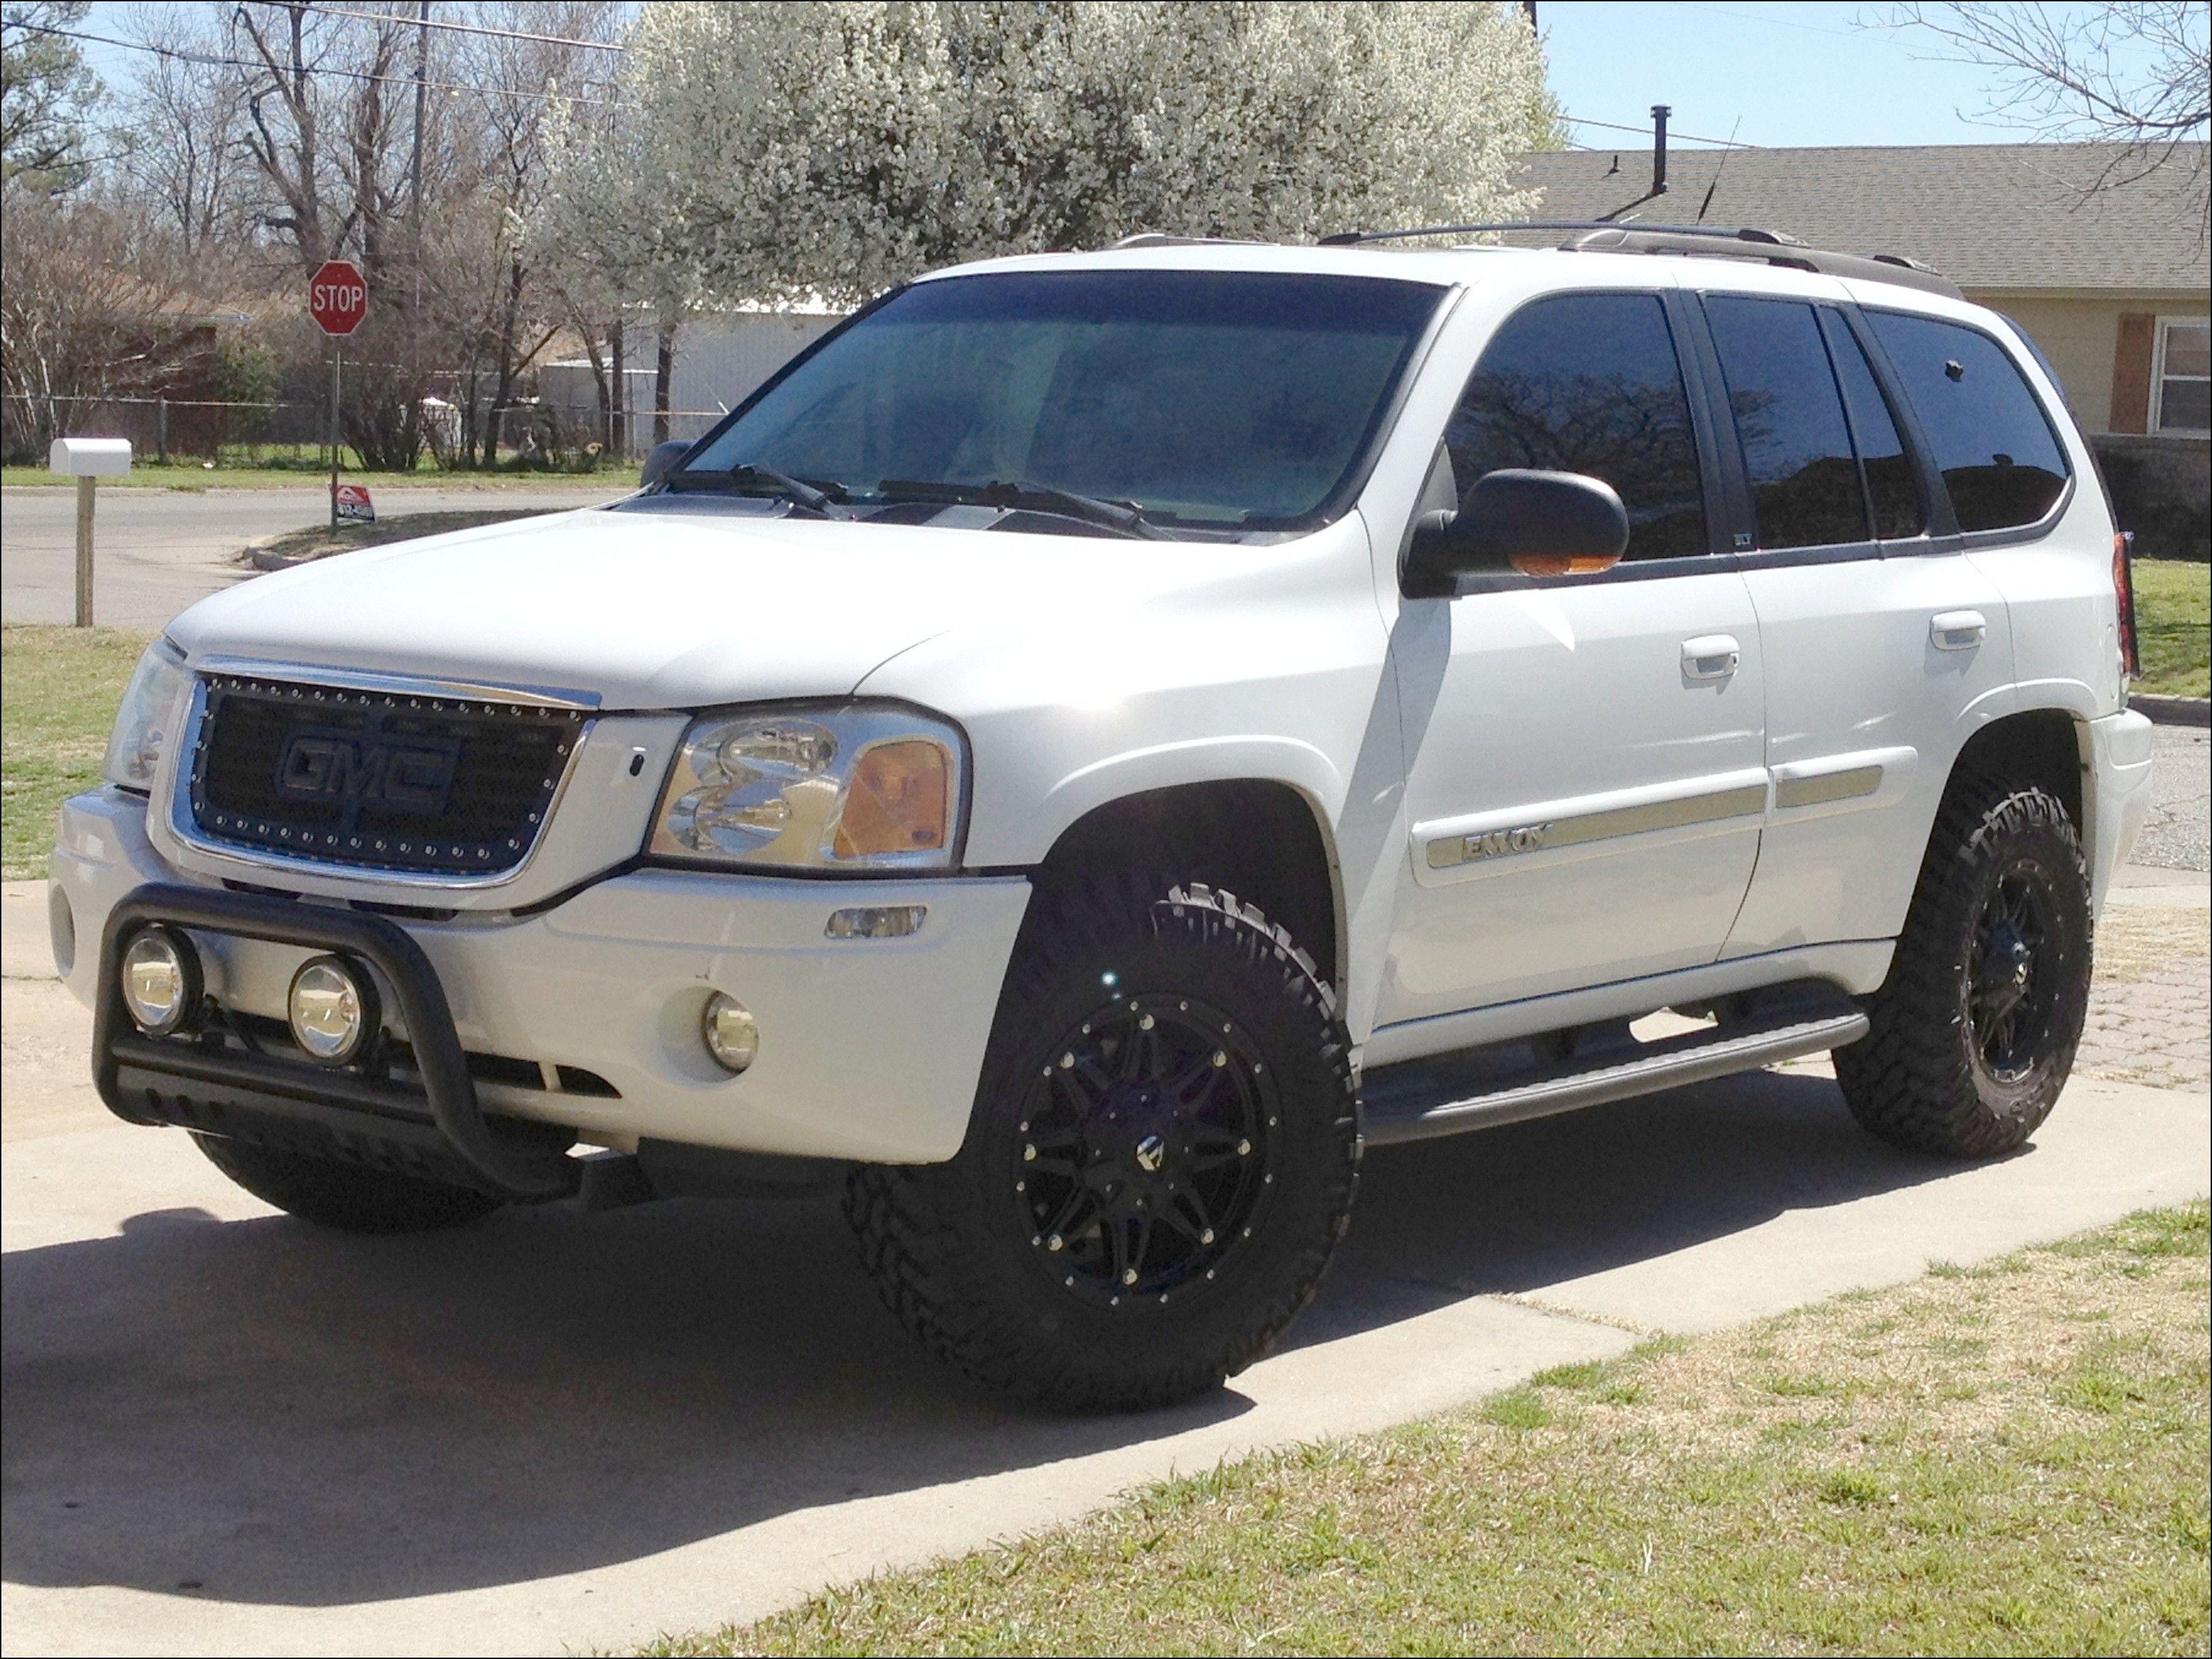 2005 Gmc Envoy Tires Gmc Envoy Gmc Chevrolet Trailblazer